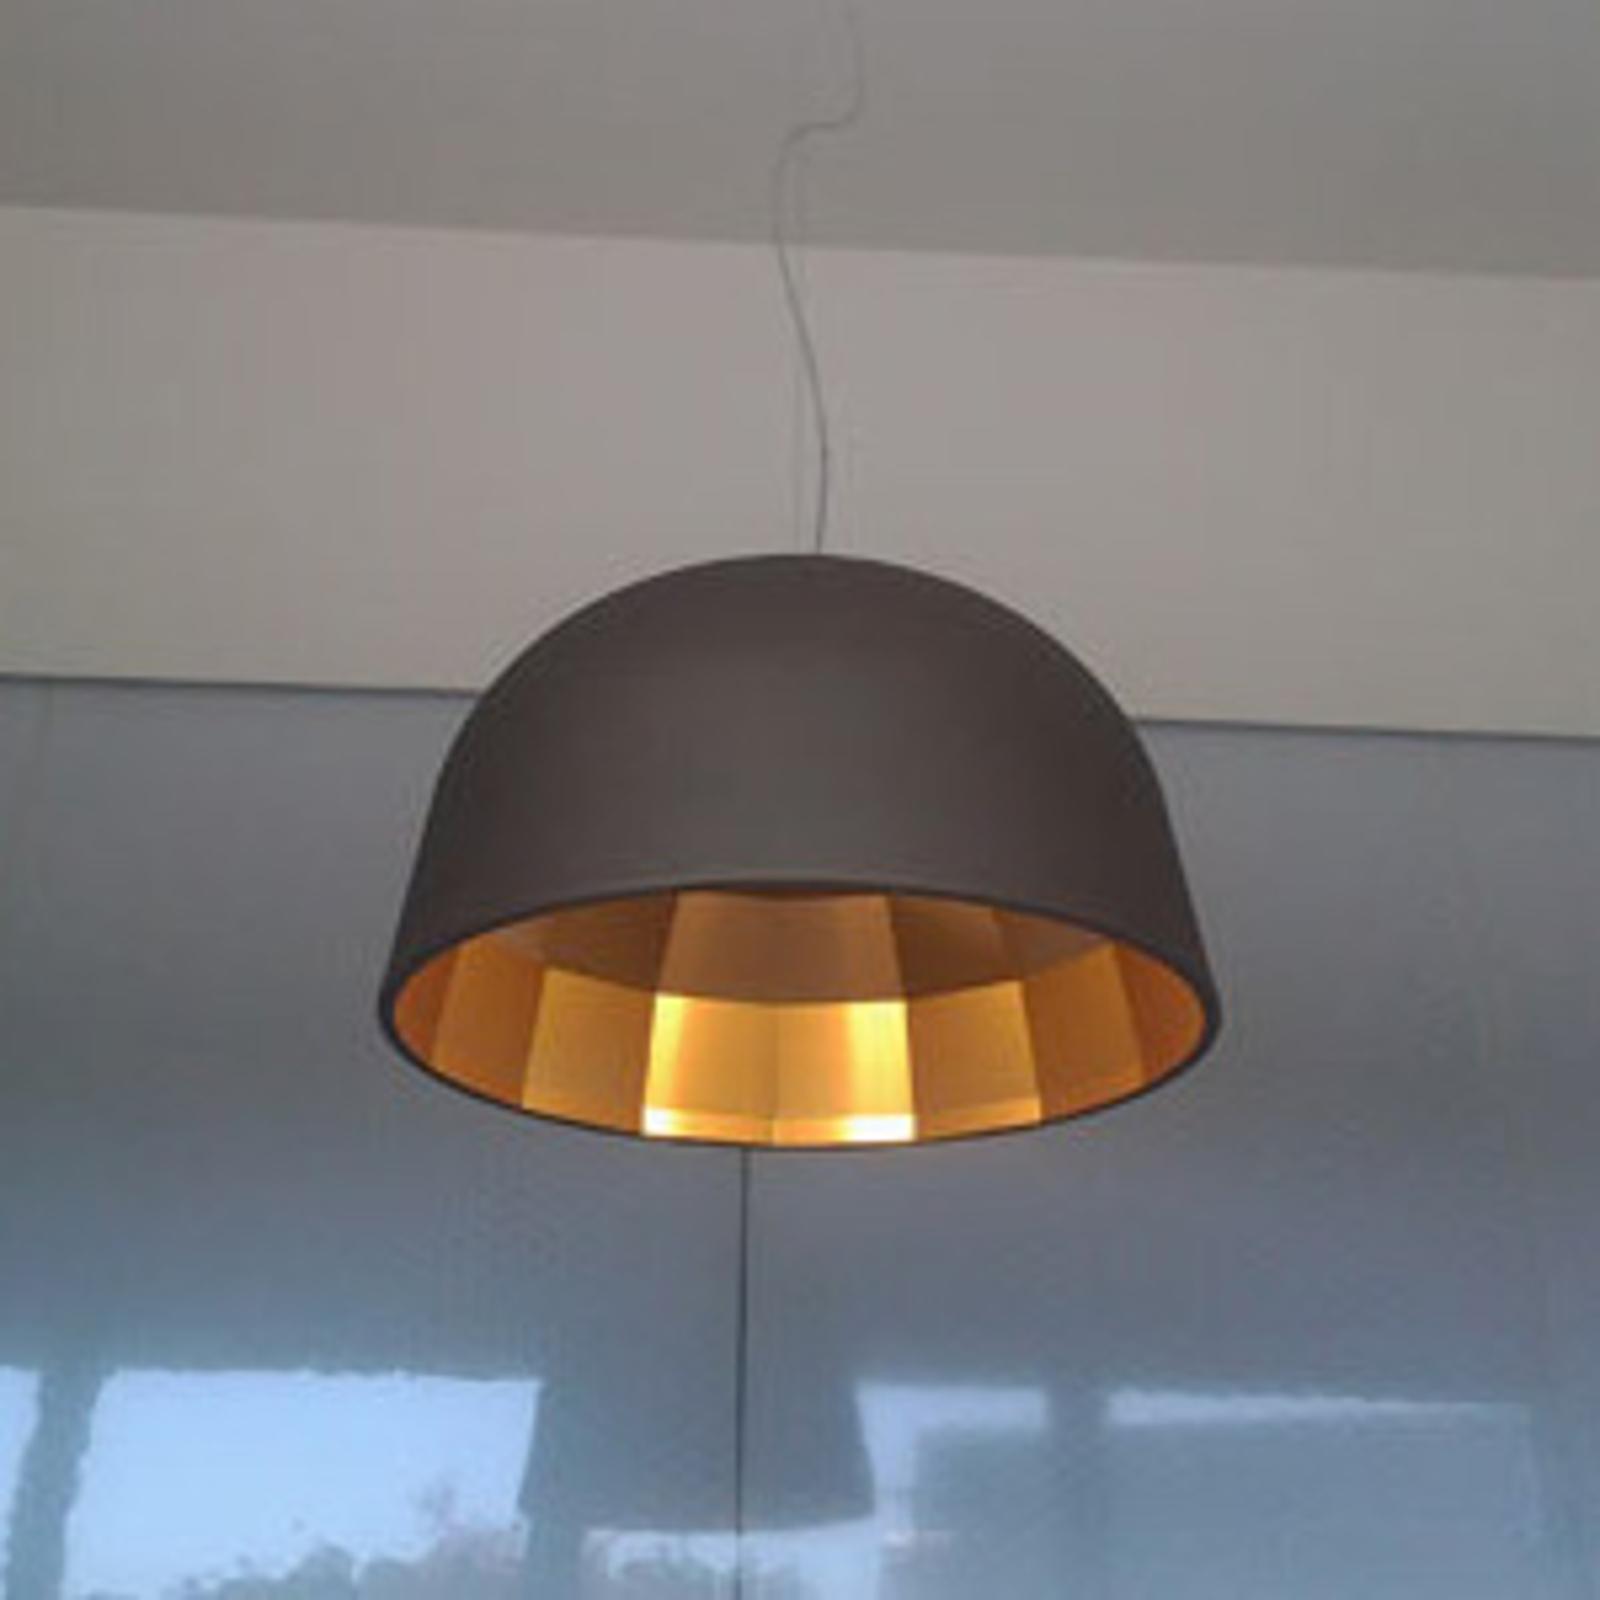 Oluce Empty - bruine LED hanglamp, 59 cm